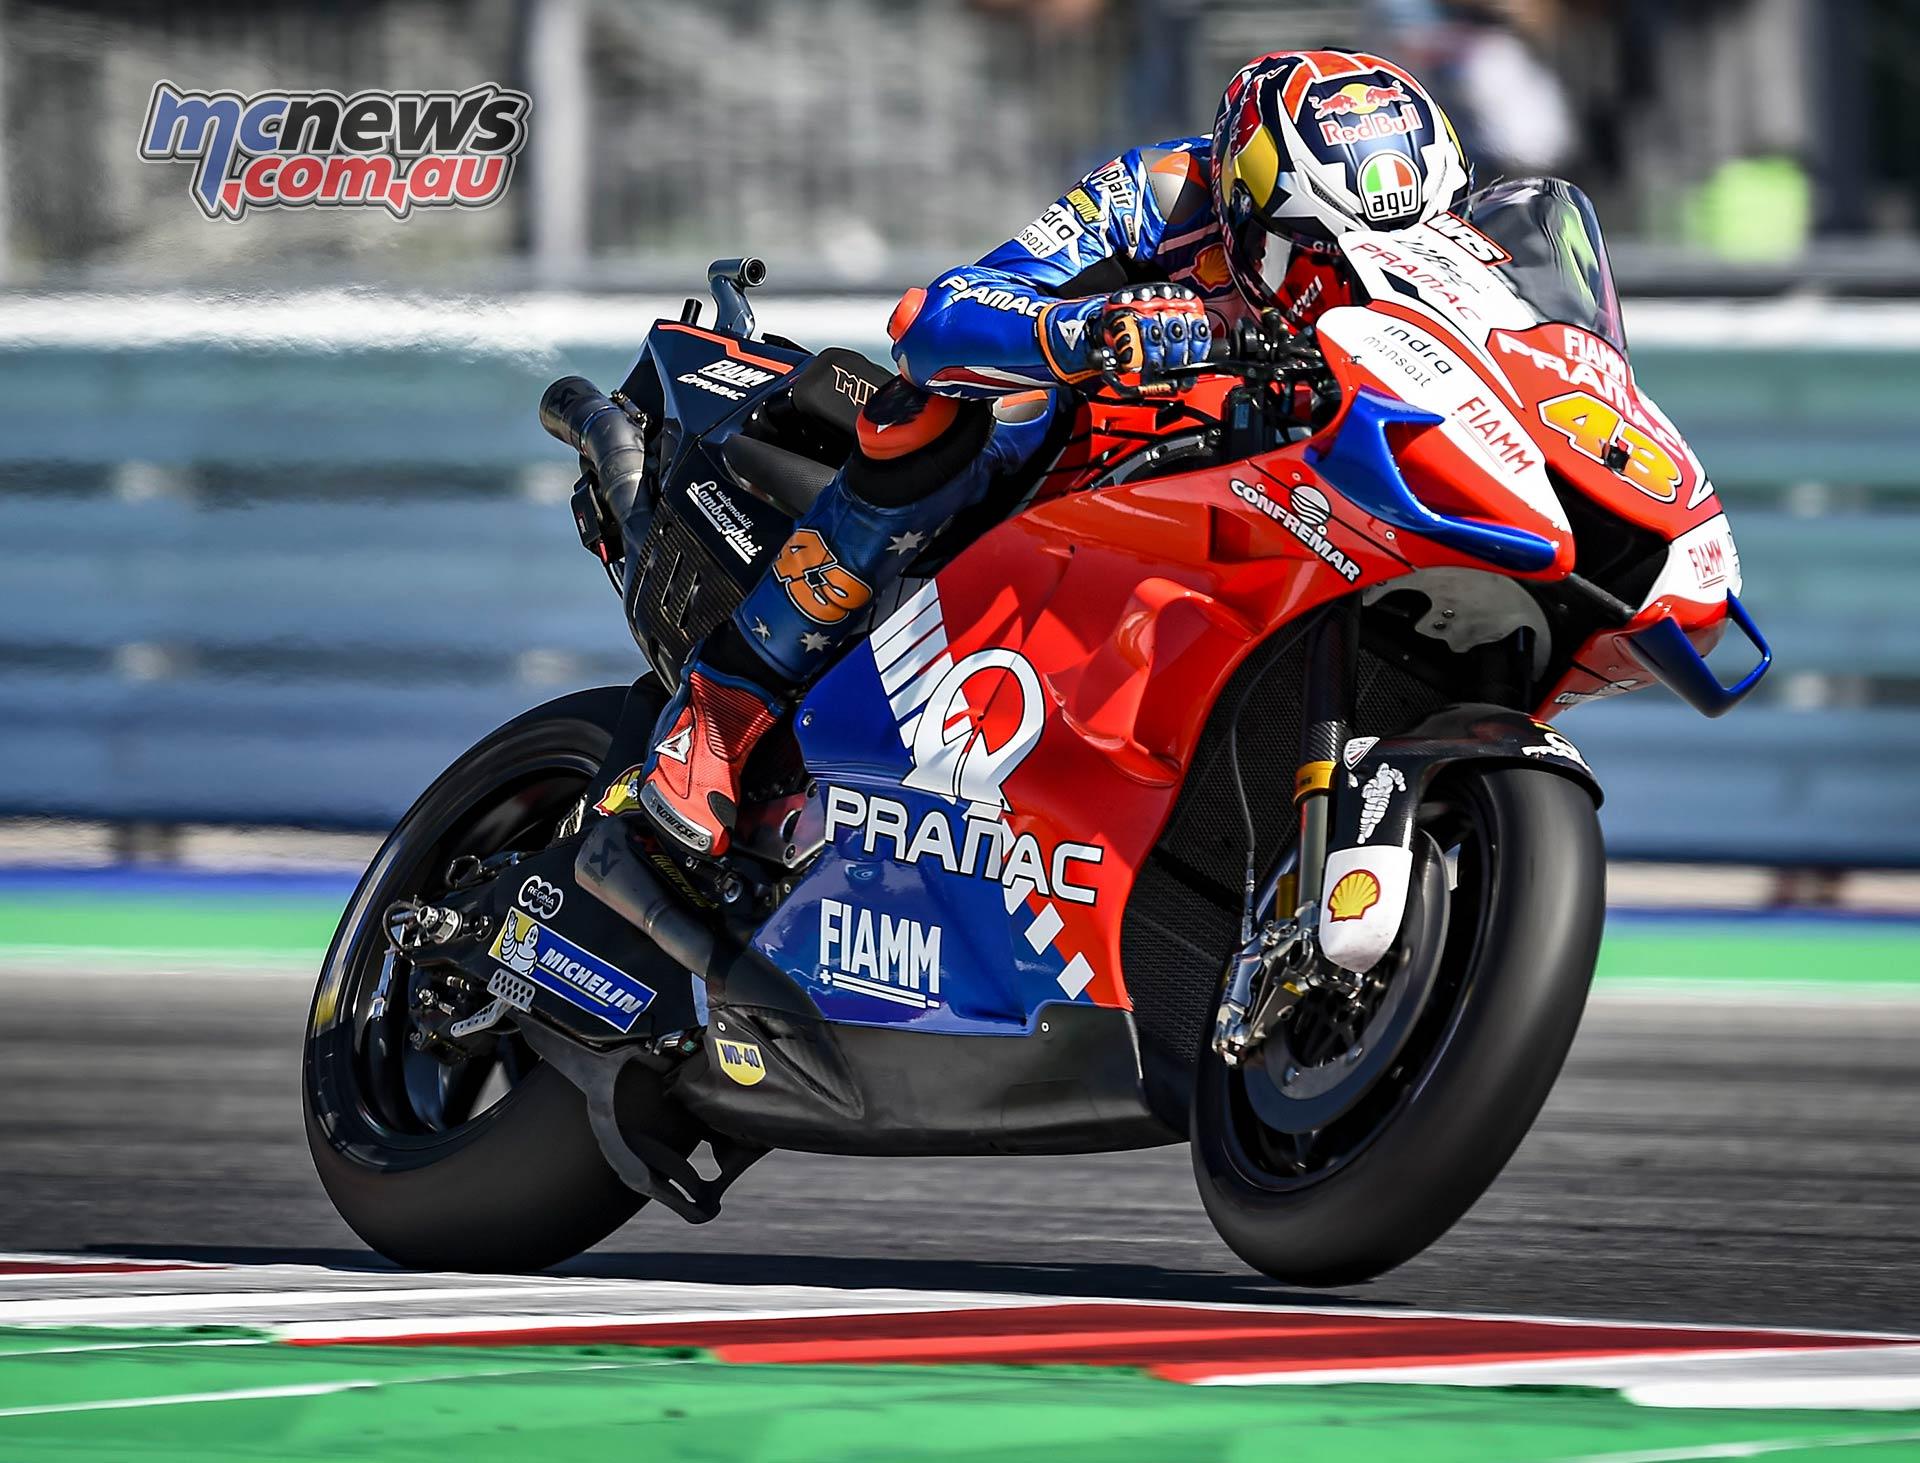 MotoGP Rnd Misano QP Jack Miller